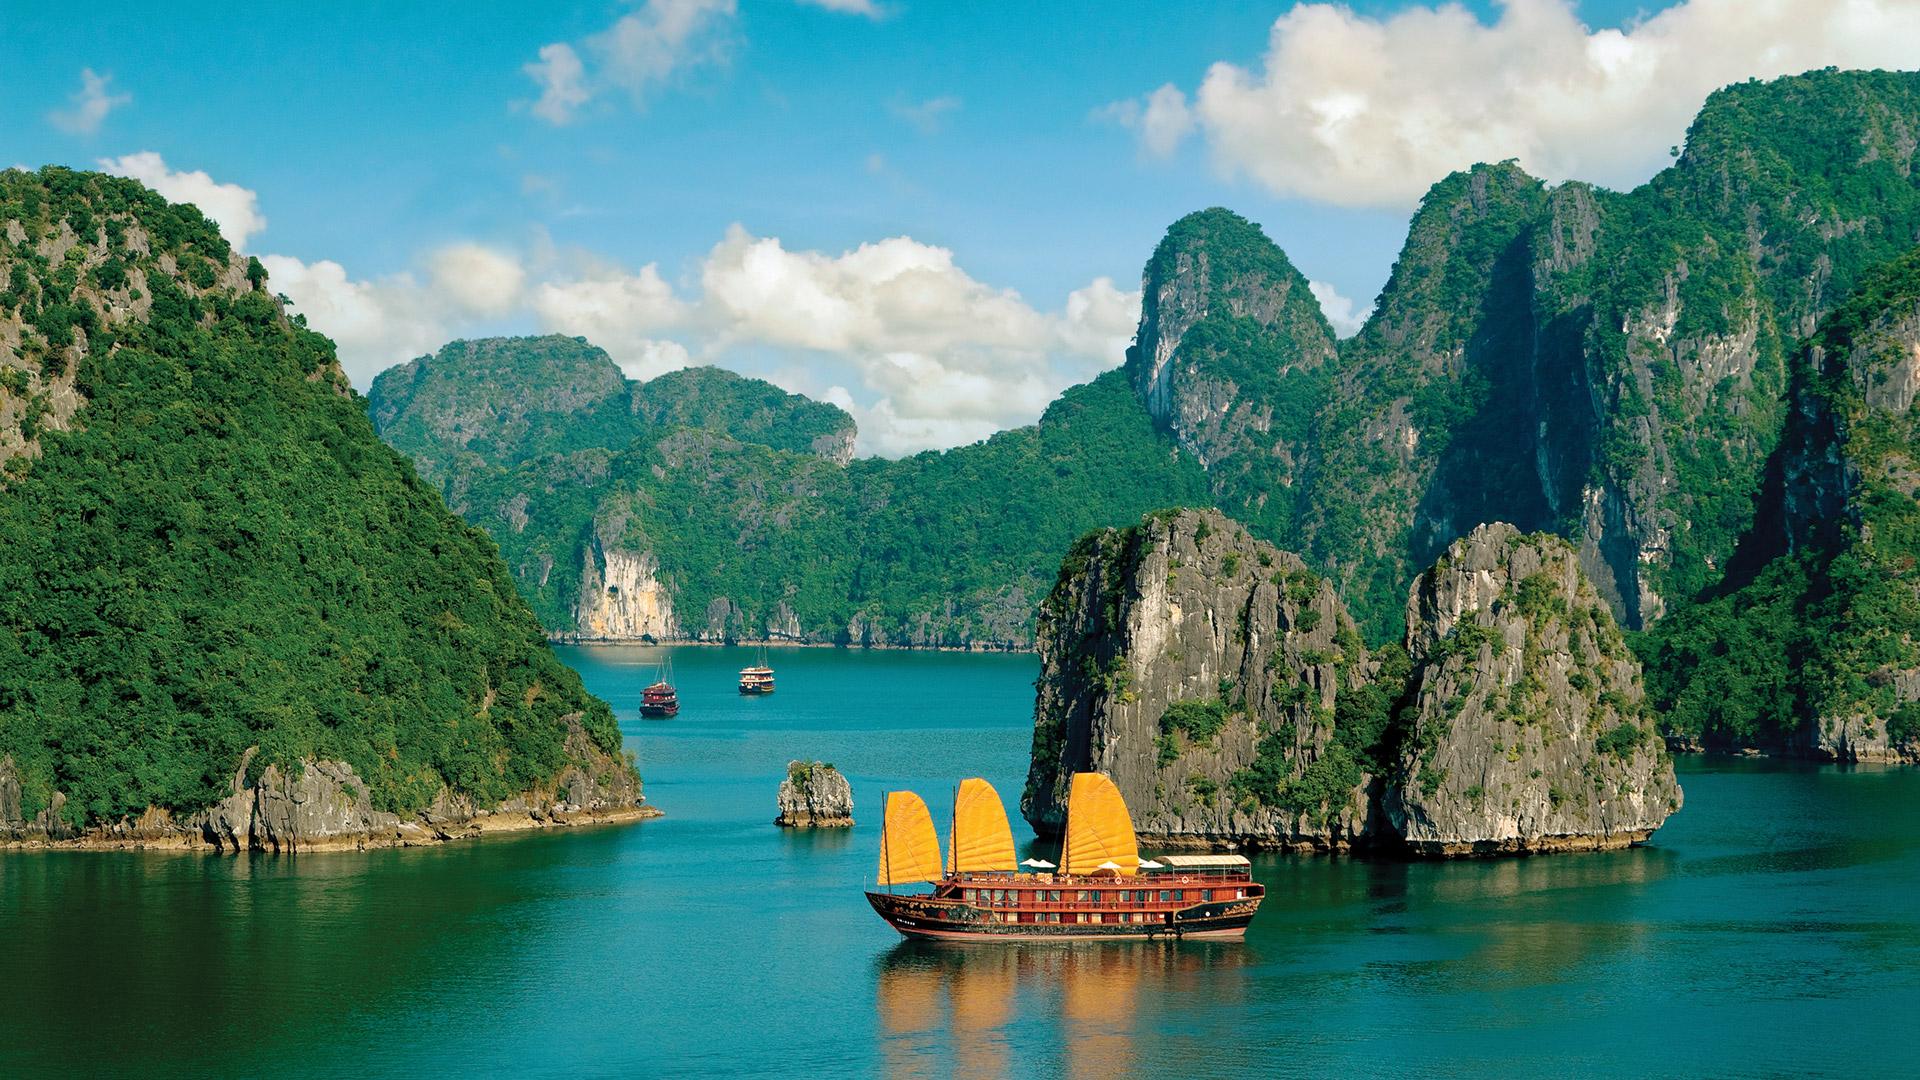 Background ấn tượng với cảnh đẹp Vịnh Hạ Long